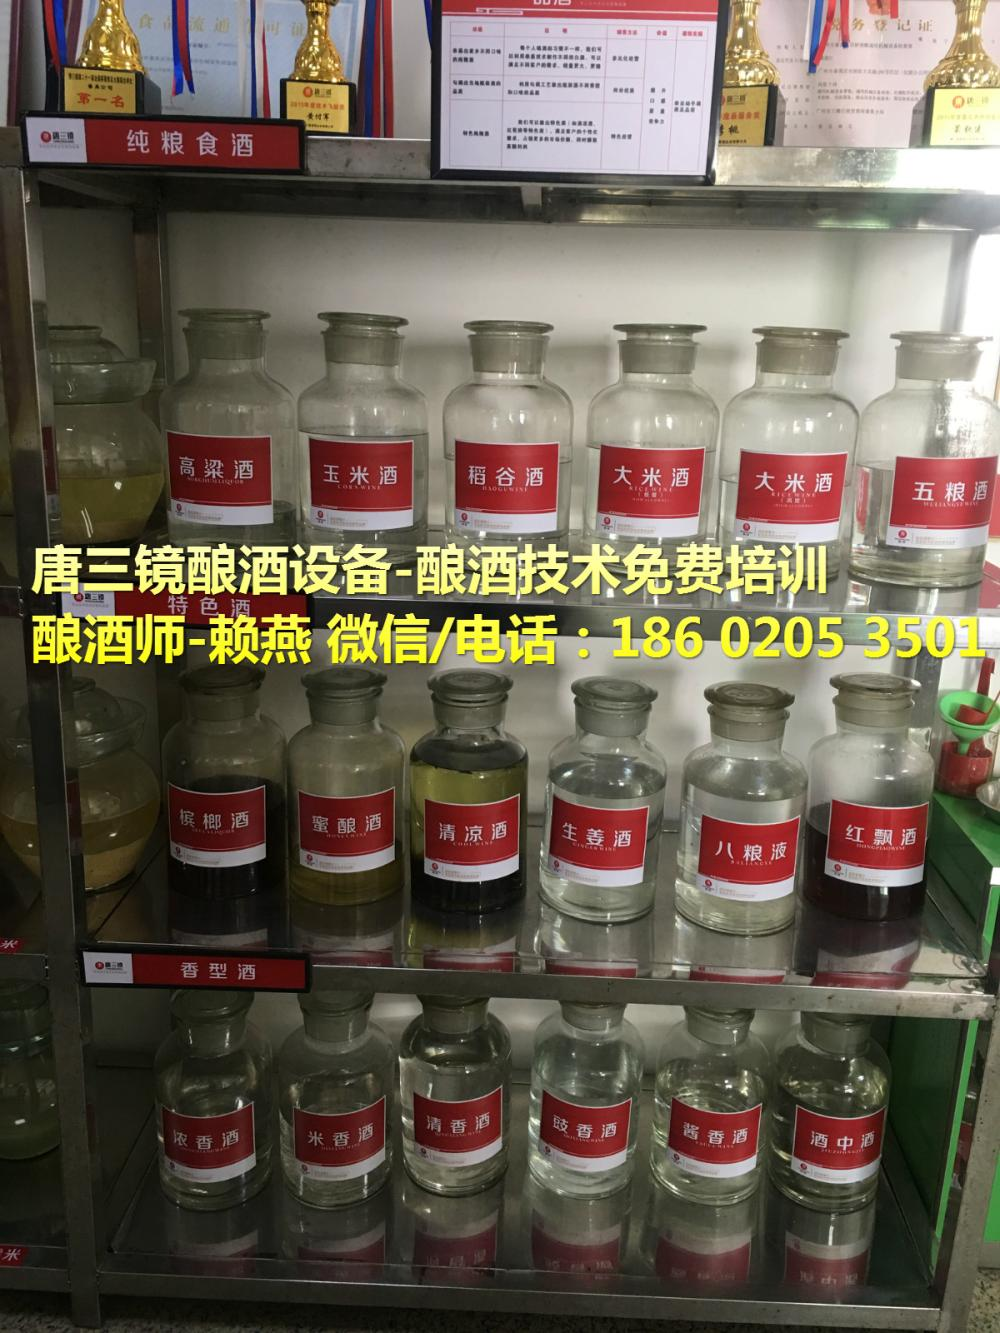 酿酒师赖燕-开酒坊需要多少资金?家庭酿酒坊需要做哪些准备工作?